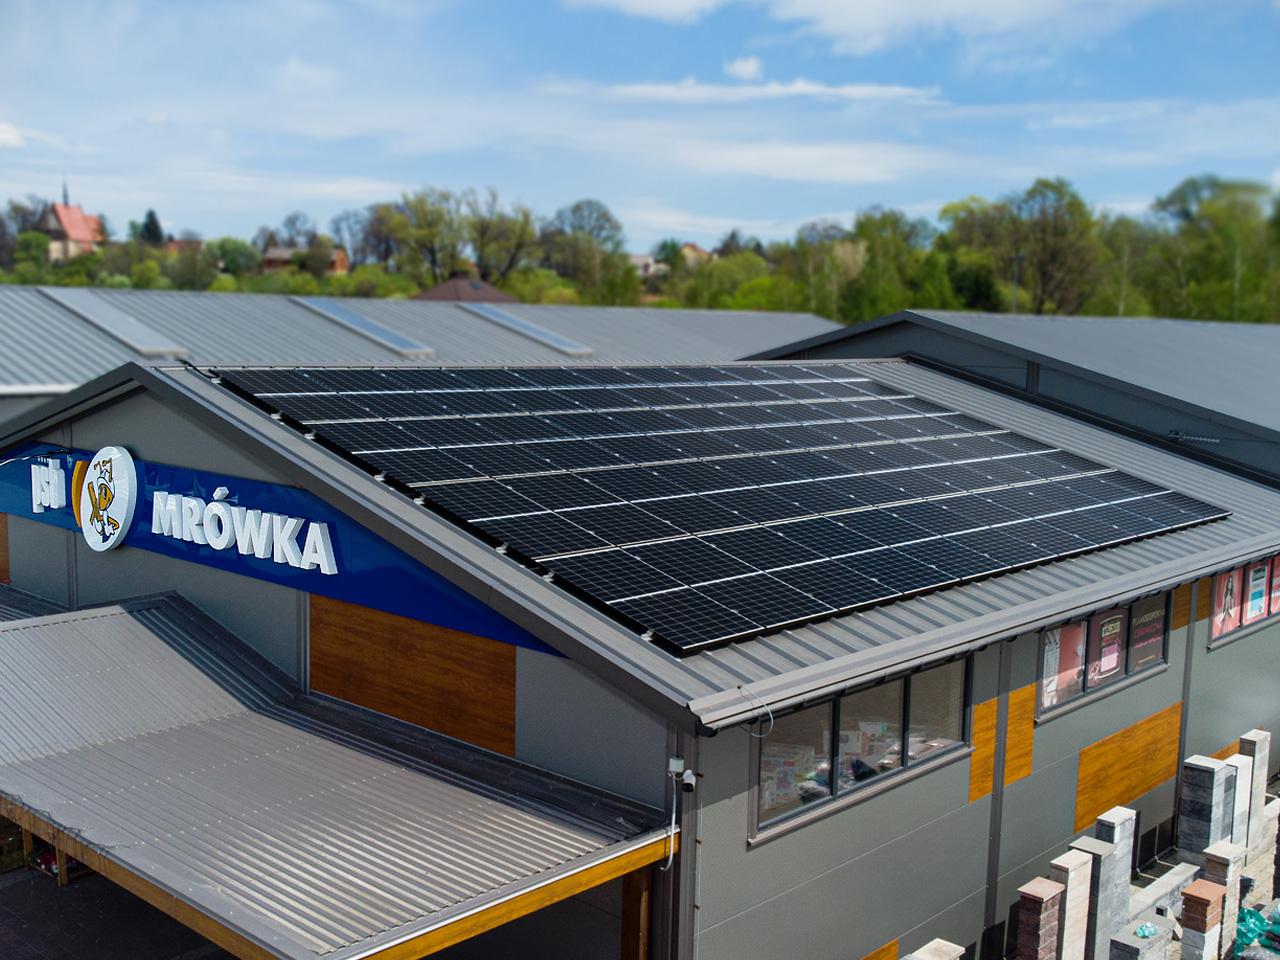 instalacja-fotowoltaiczna-foto-instal-montaz-paneli-slonecznych-debno-brzesko-tarnow-krakow-rzeszow-debica-nowy-sacz-malopolska-podkarpacie-longi-solar-sofar-fronius-huawei (43)